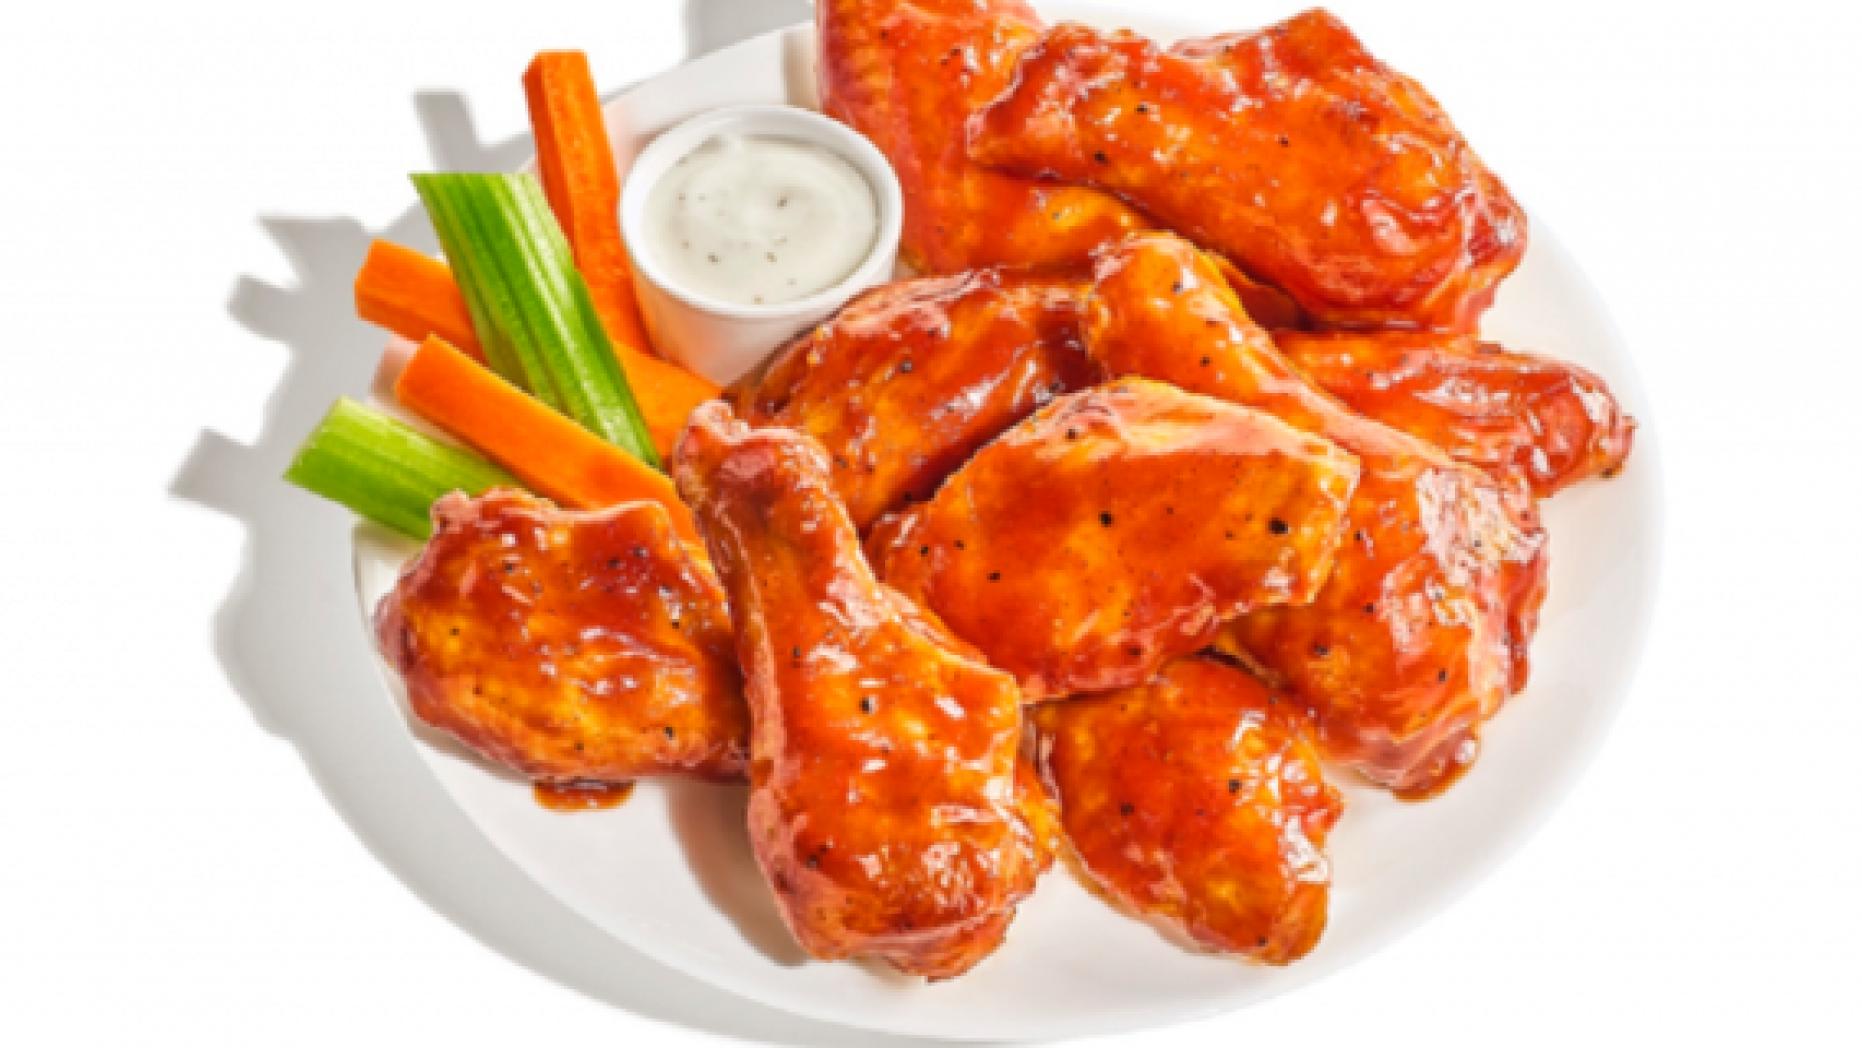 Buffalo Wild Wings releases pumpkin spice chicken wings, angers.